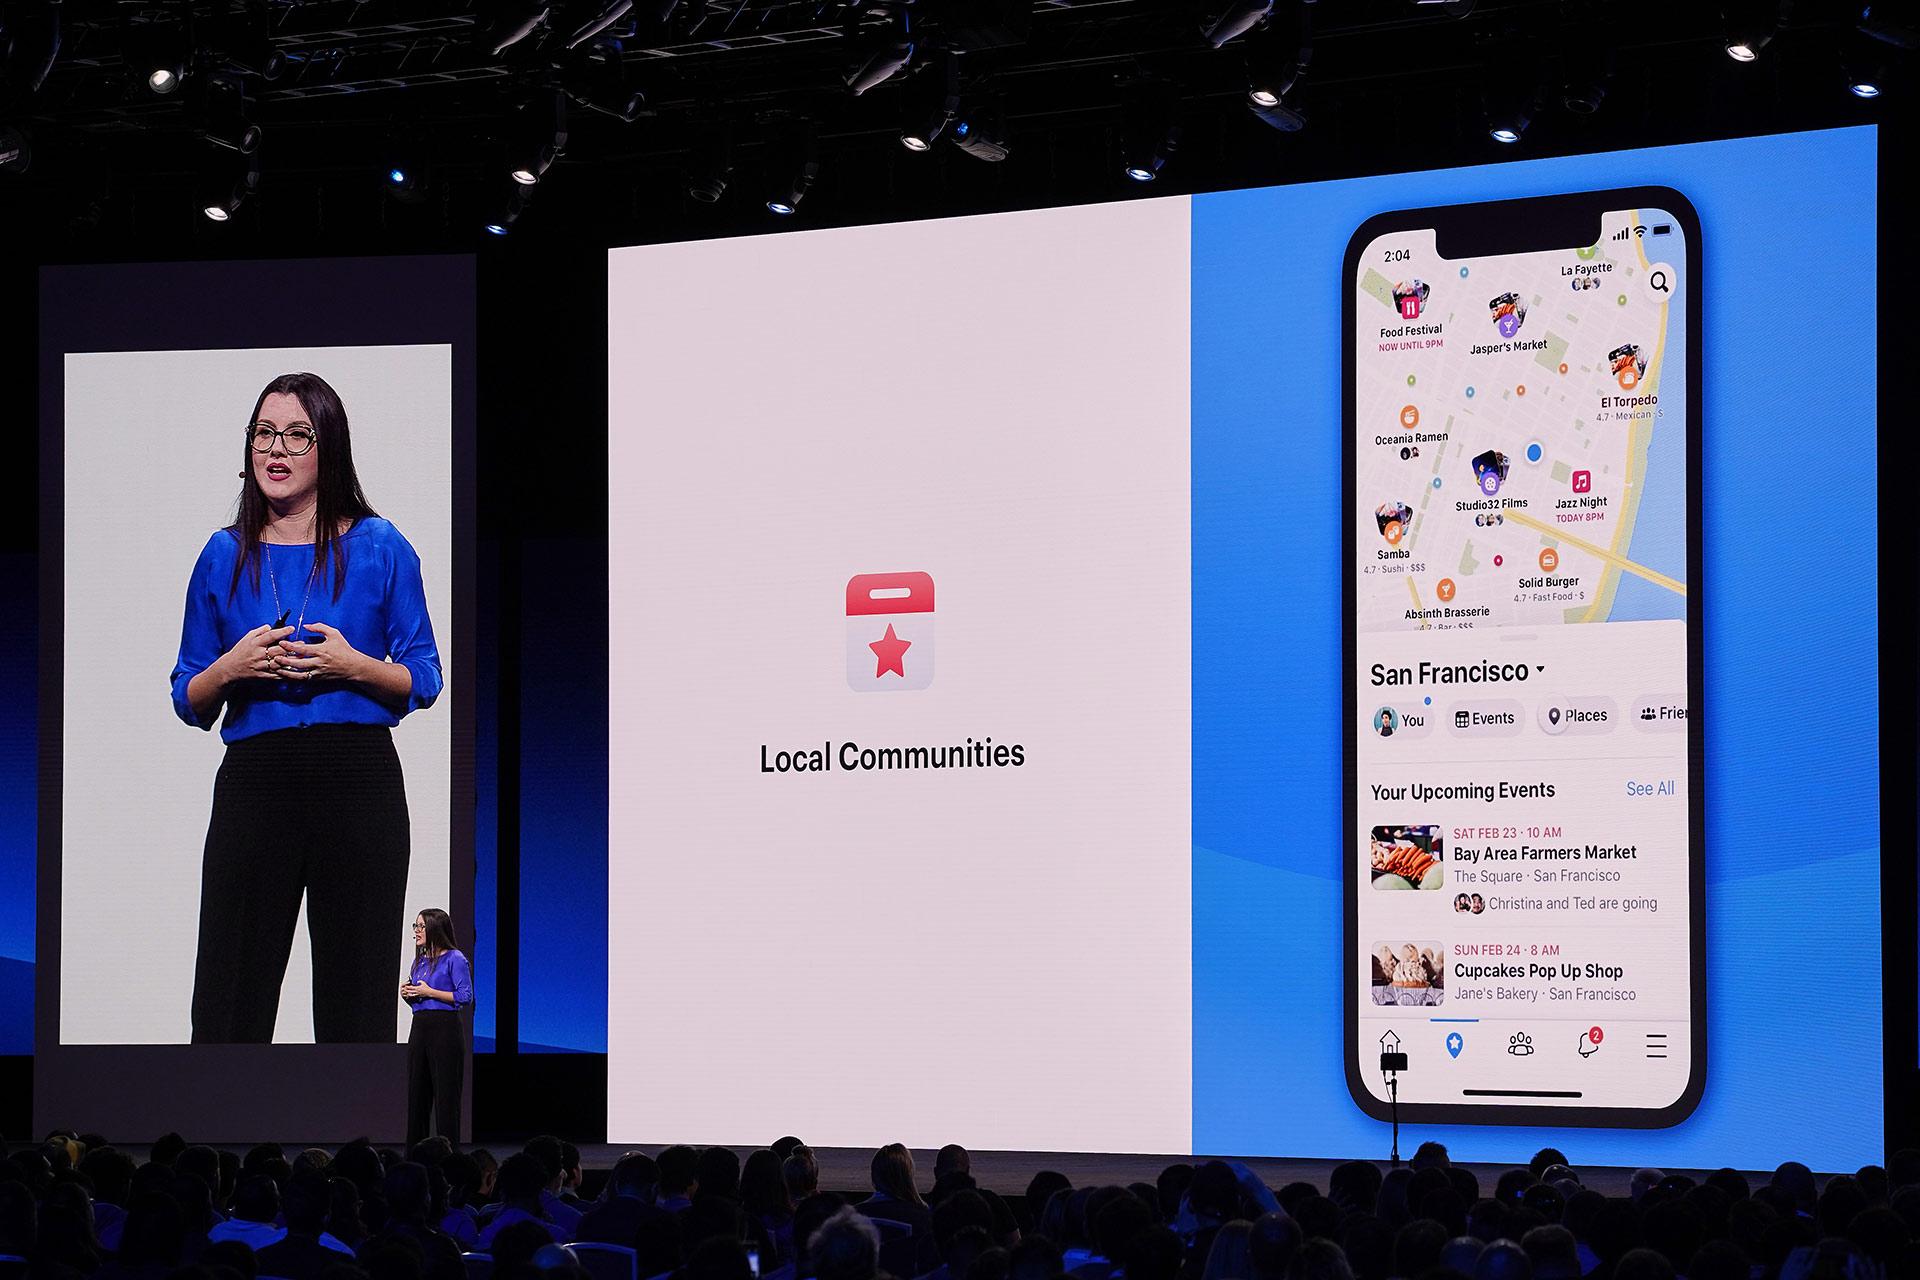 Фейсбук обновит дизайн, объединит мессенджеры и сфокусируется на безопасности - 5